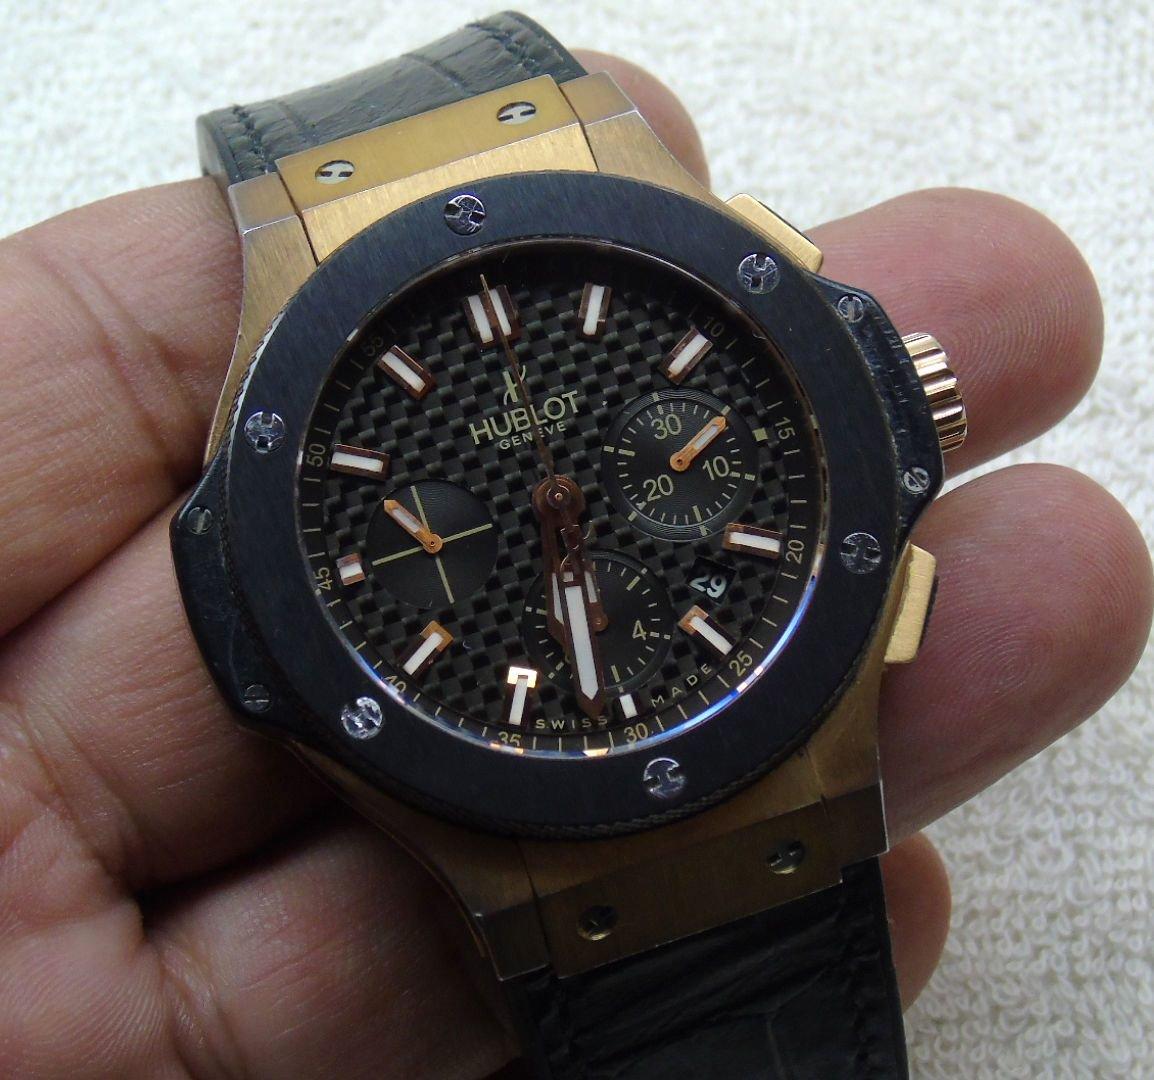 Реплики часов hublot высокого качества и имеют идентичный с оригиналом дизайн, отличить аналог от подлинника сможет только квалифицированный мастер.